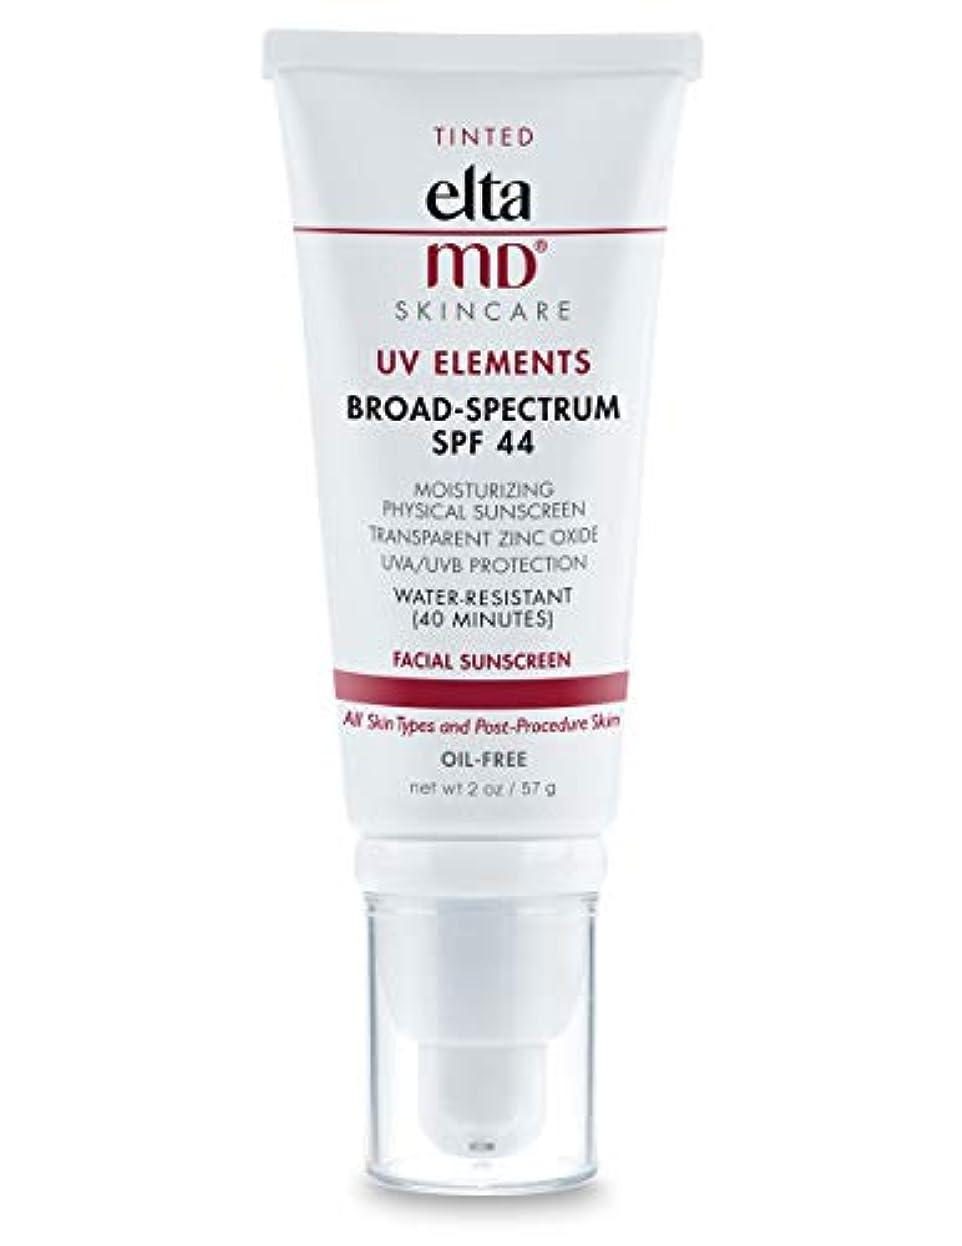 エルタMD UV Elements Moisturizing Physical Tinted Facial Sunscreen SPF 44 - For All Skin Types & Post-Procedure Skin...